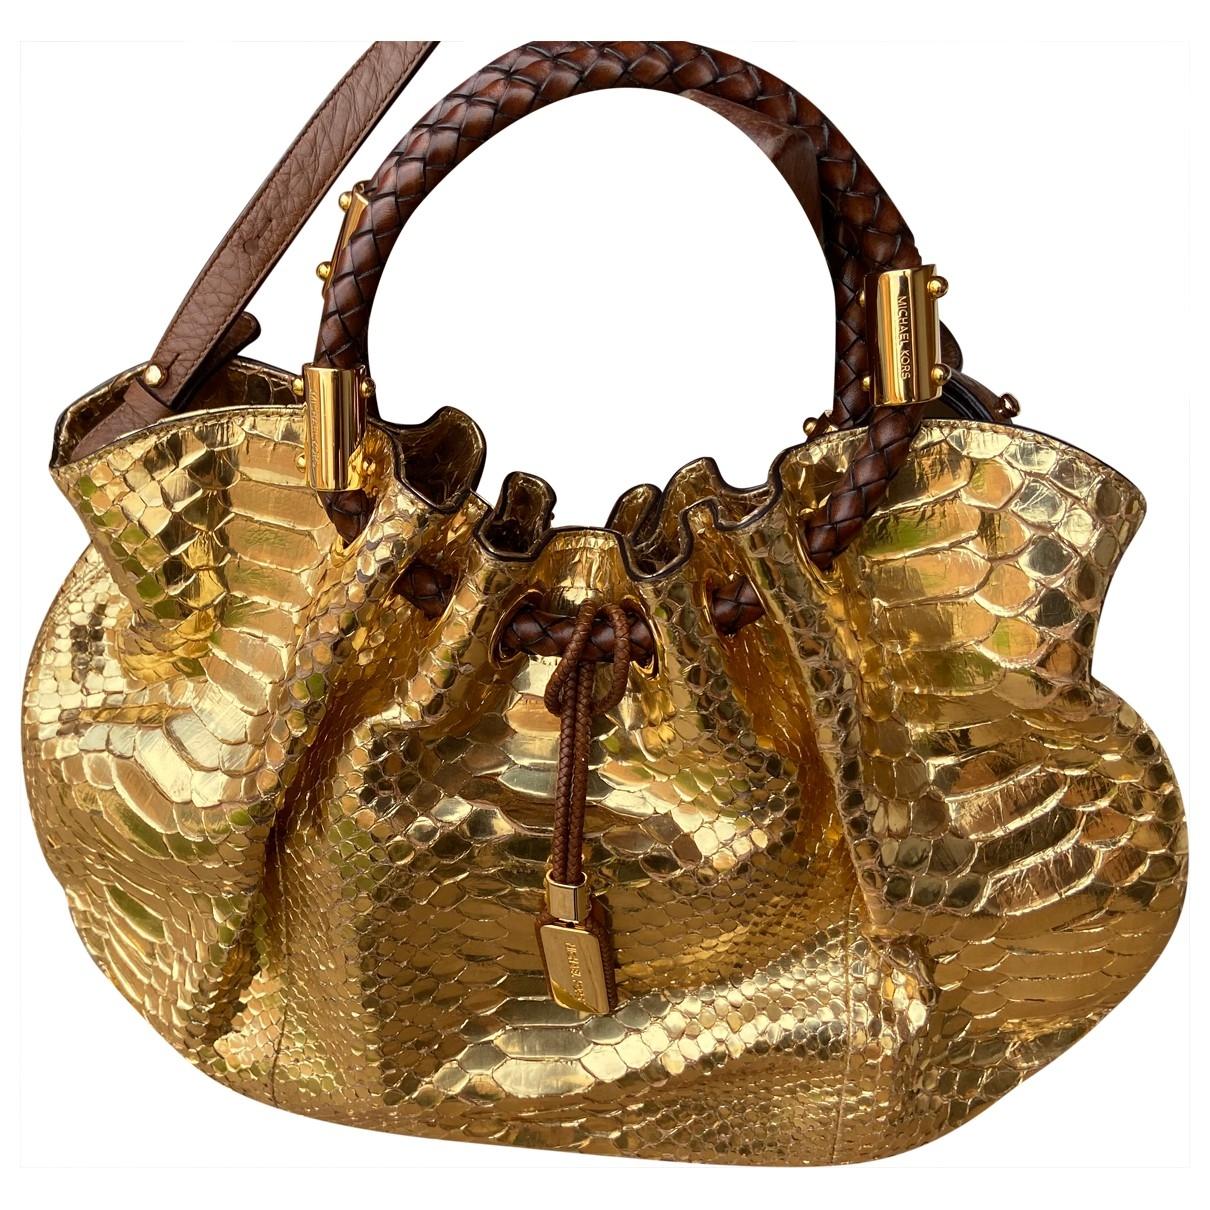 Michael Kors \N Gold Leather handbag for Women \N